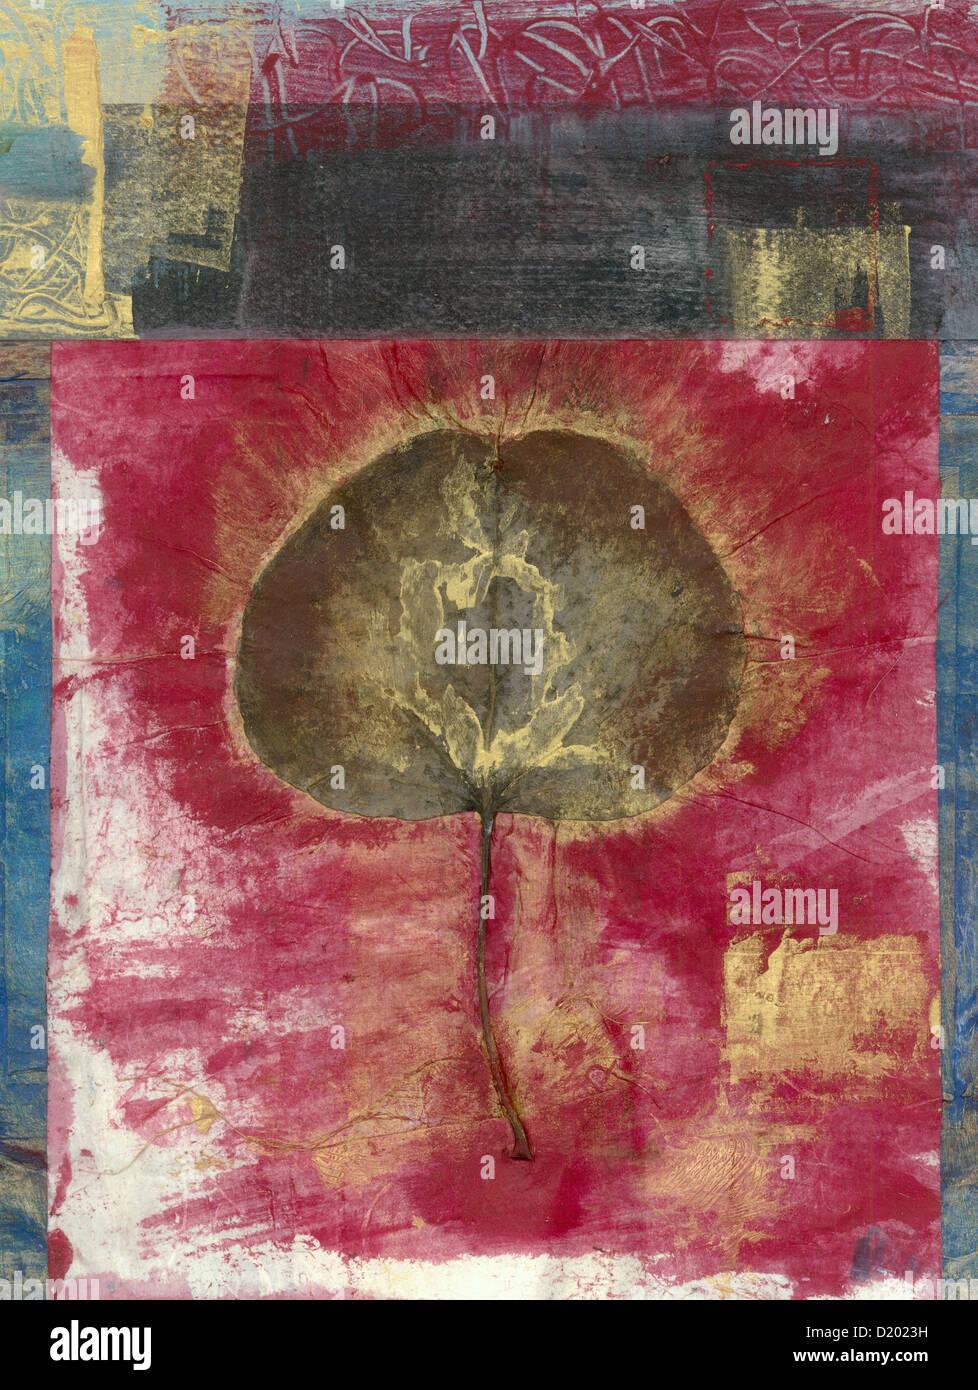 Collage des feuilles sur une peinture abstraite. Les feuilles sont les poumons d'arbres. Photo Stock